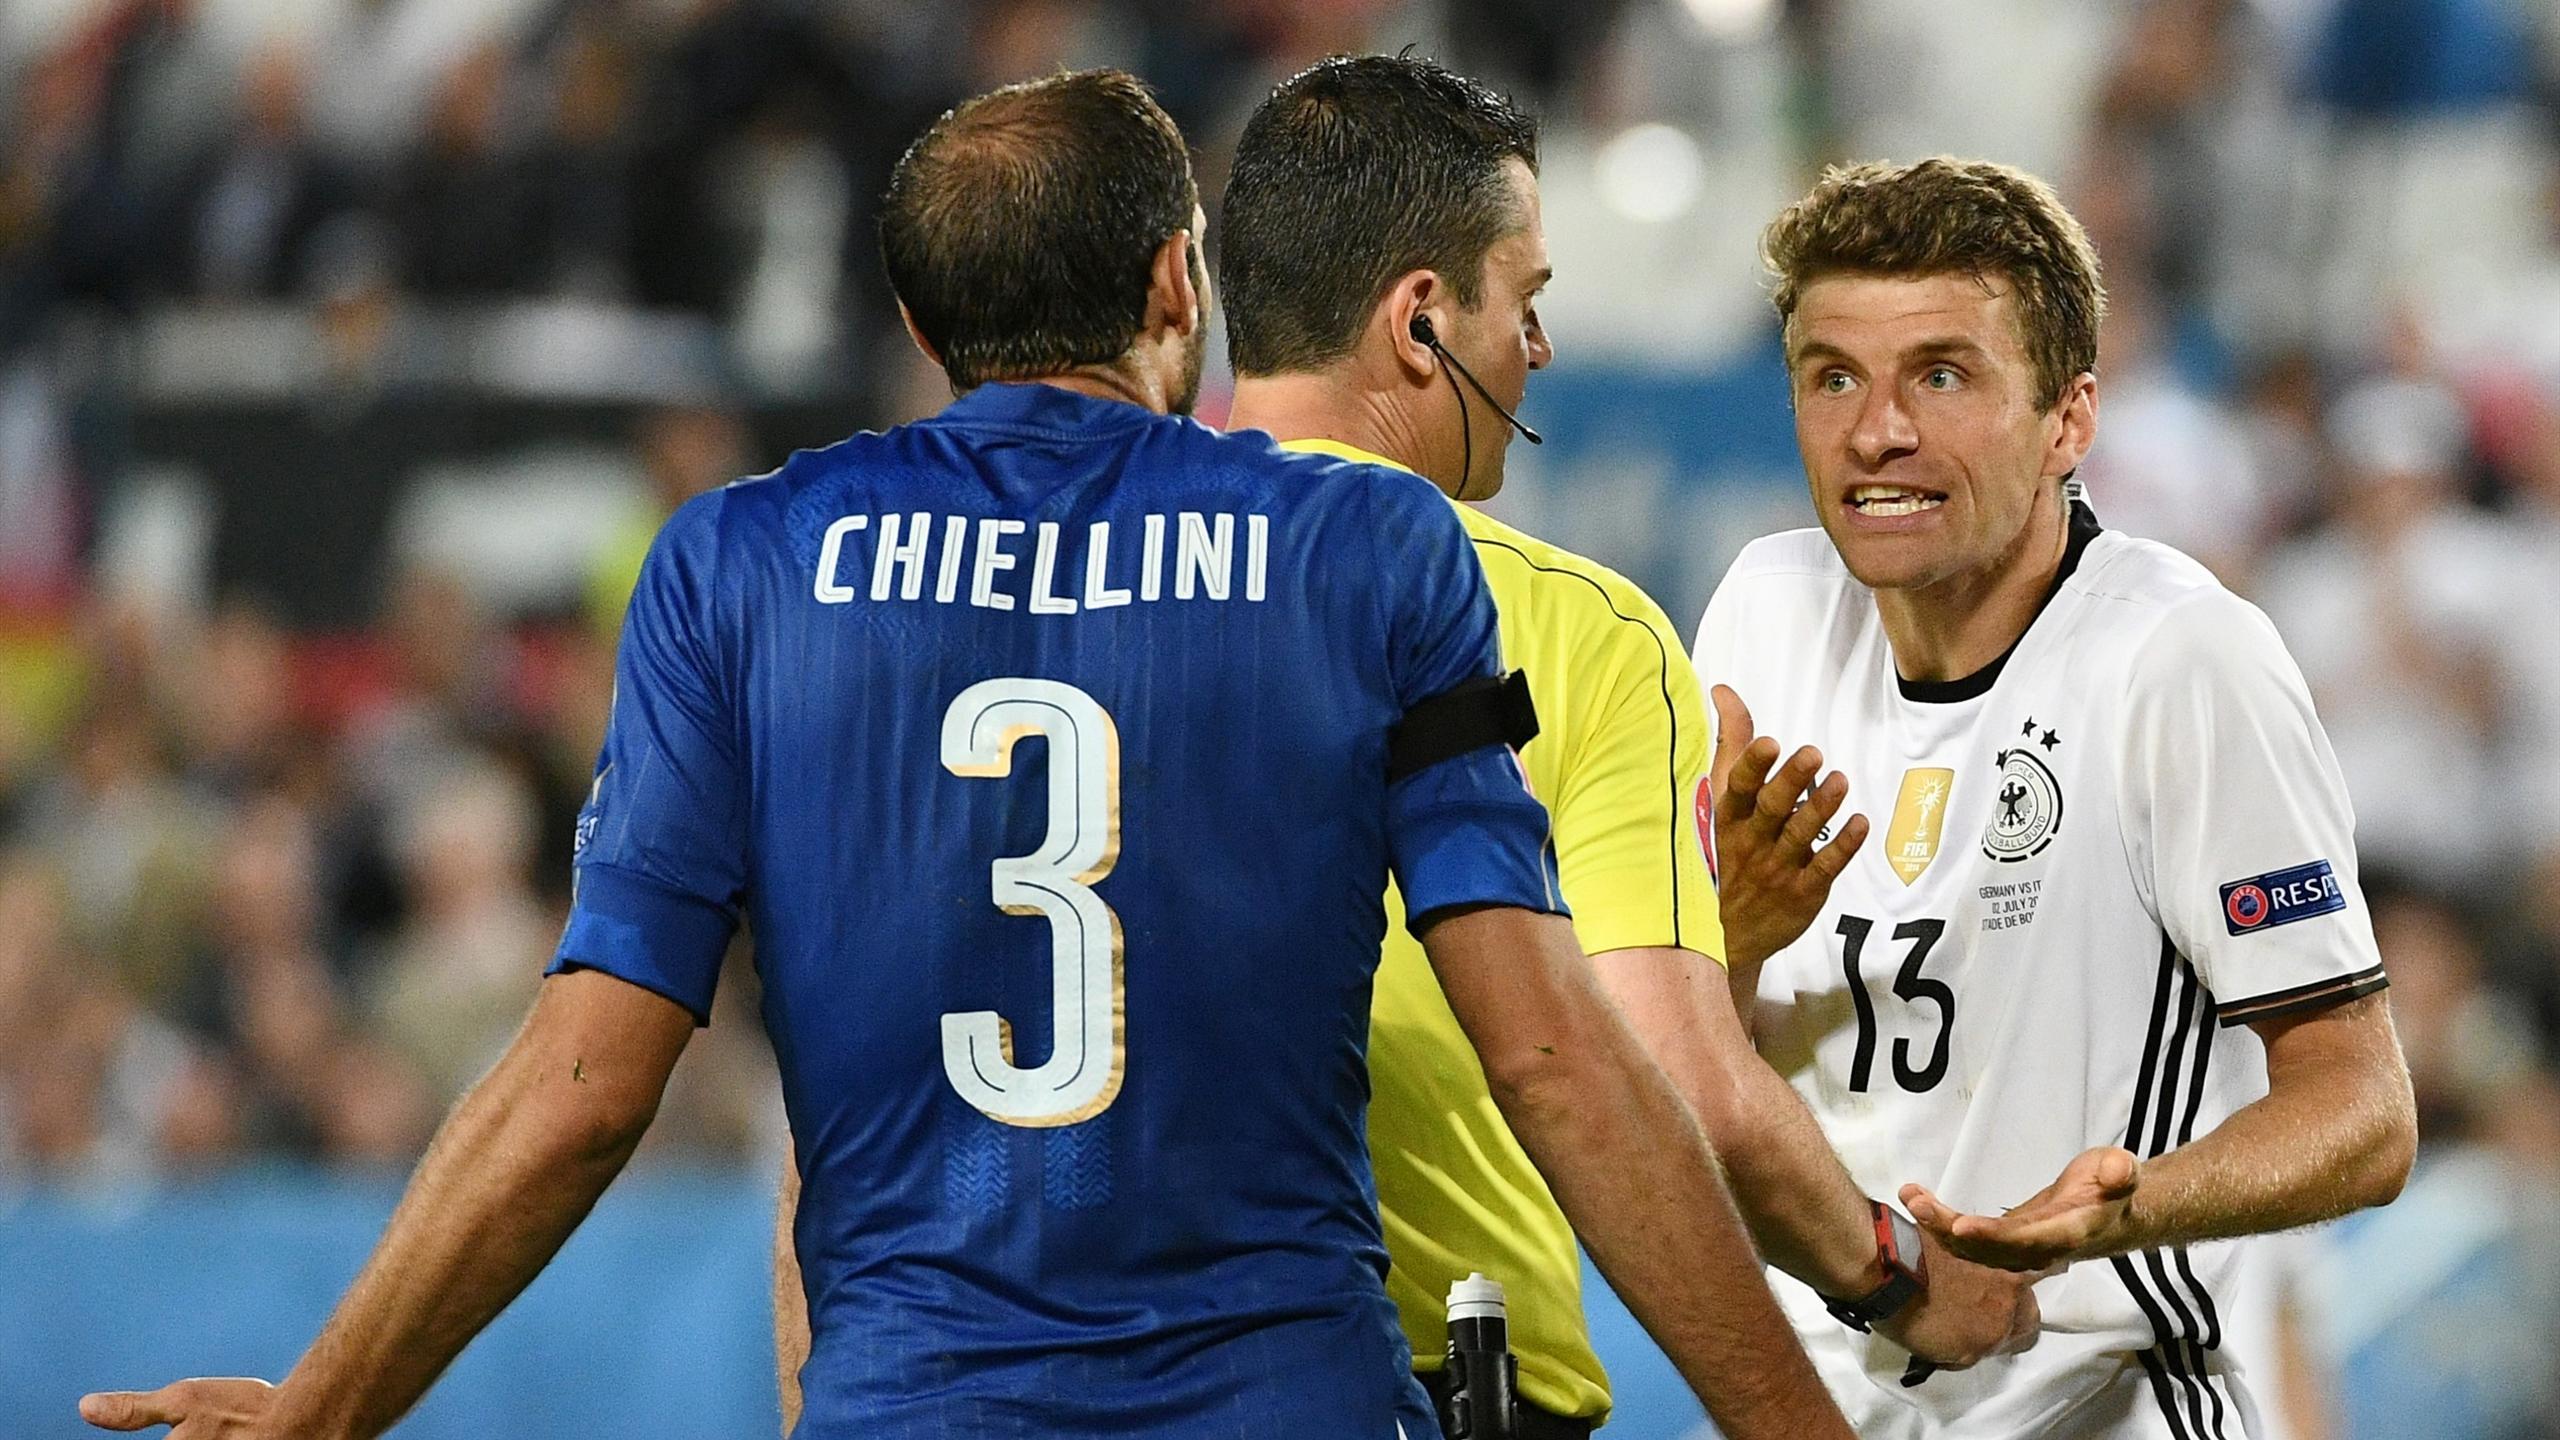 Chiellini et Müller en discussion lors d'Allemagne - Italie